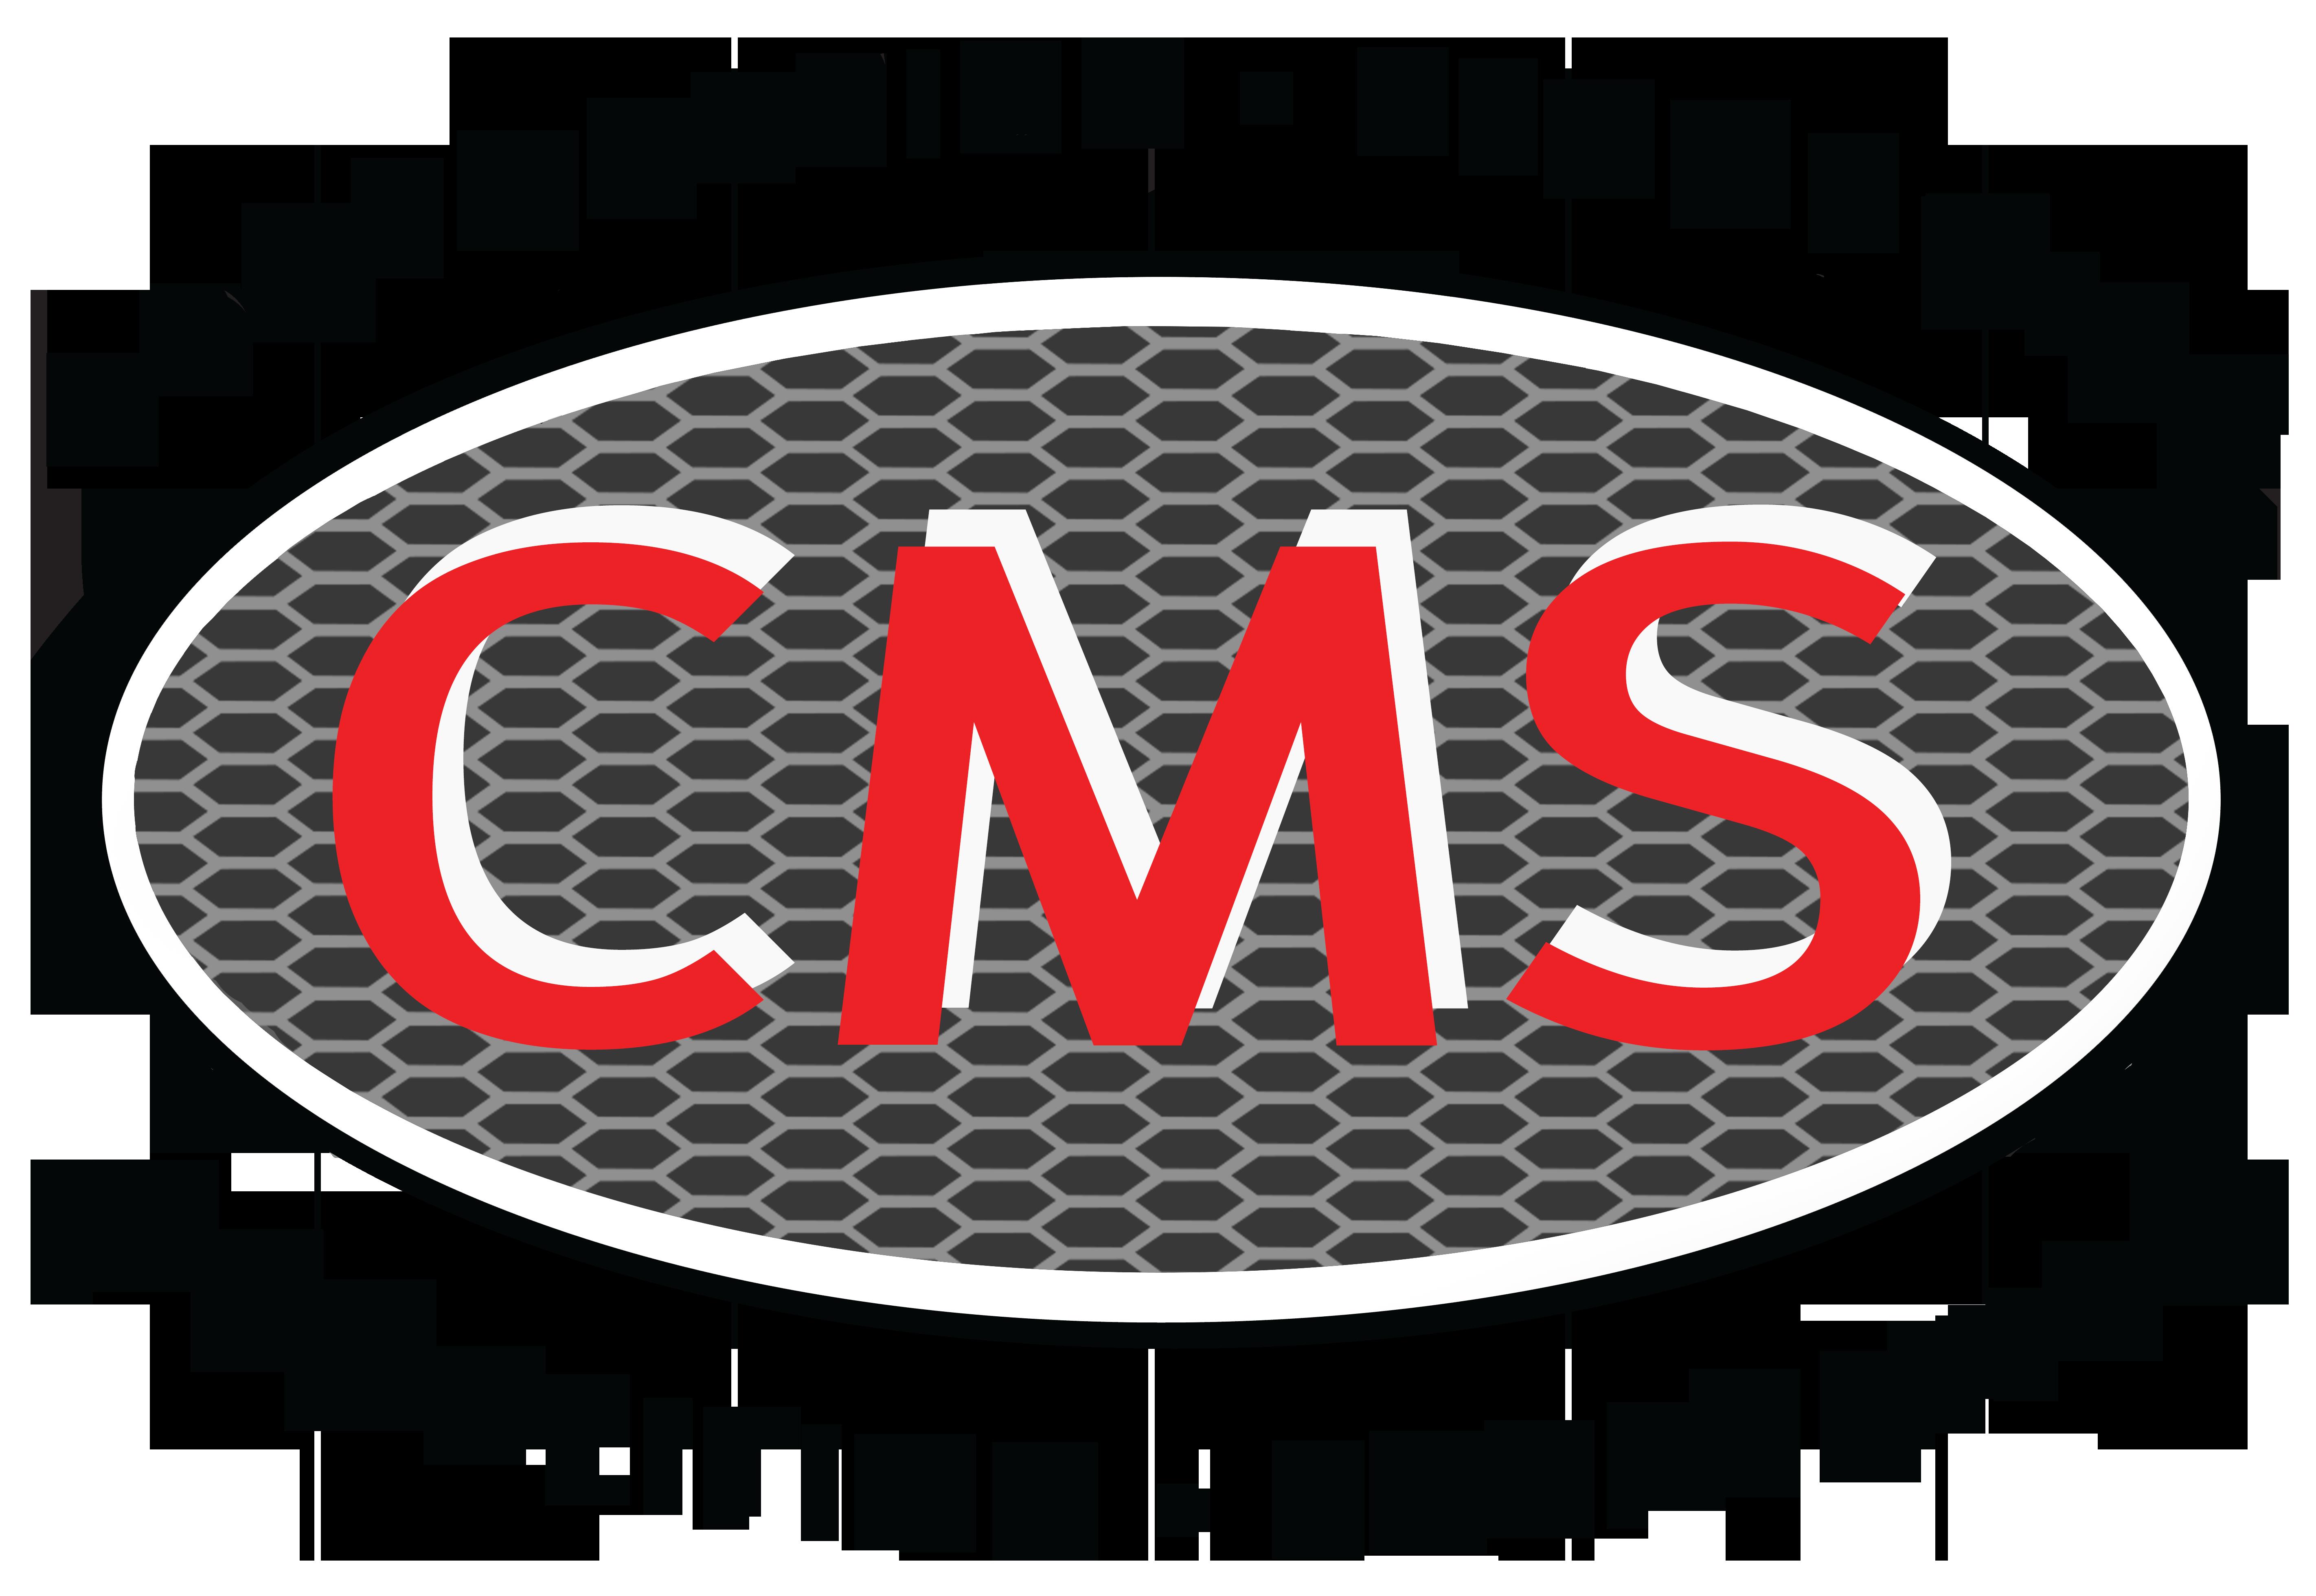 cms-logo-grey-grill